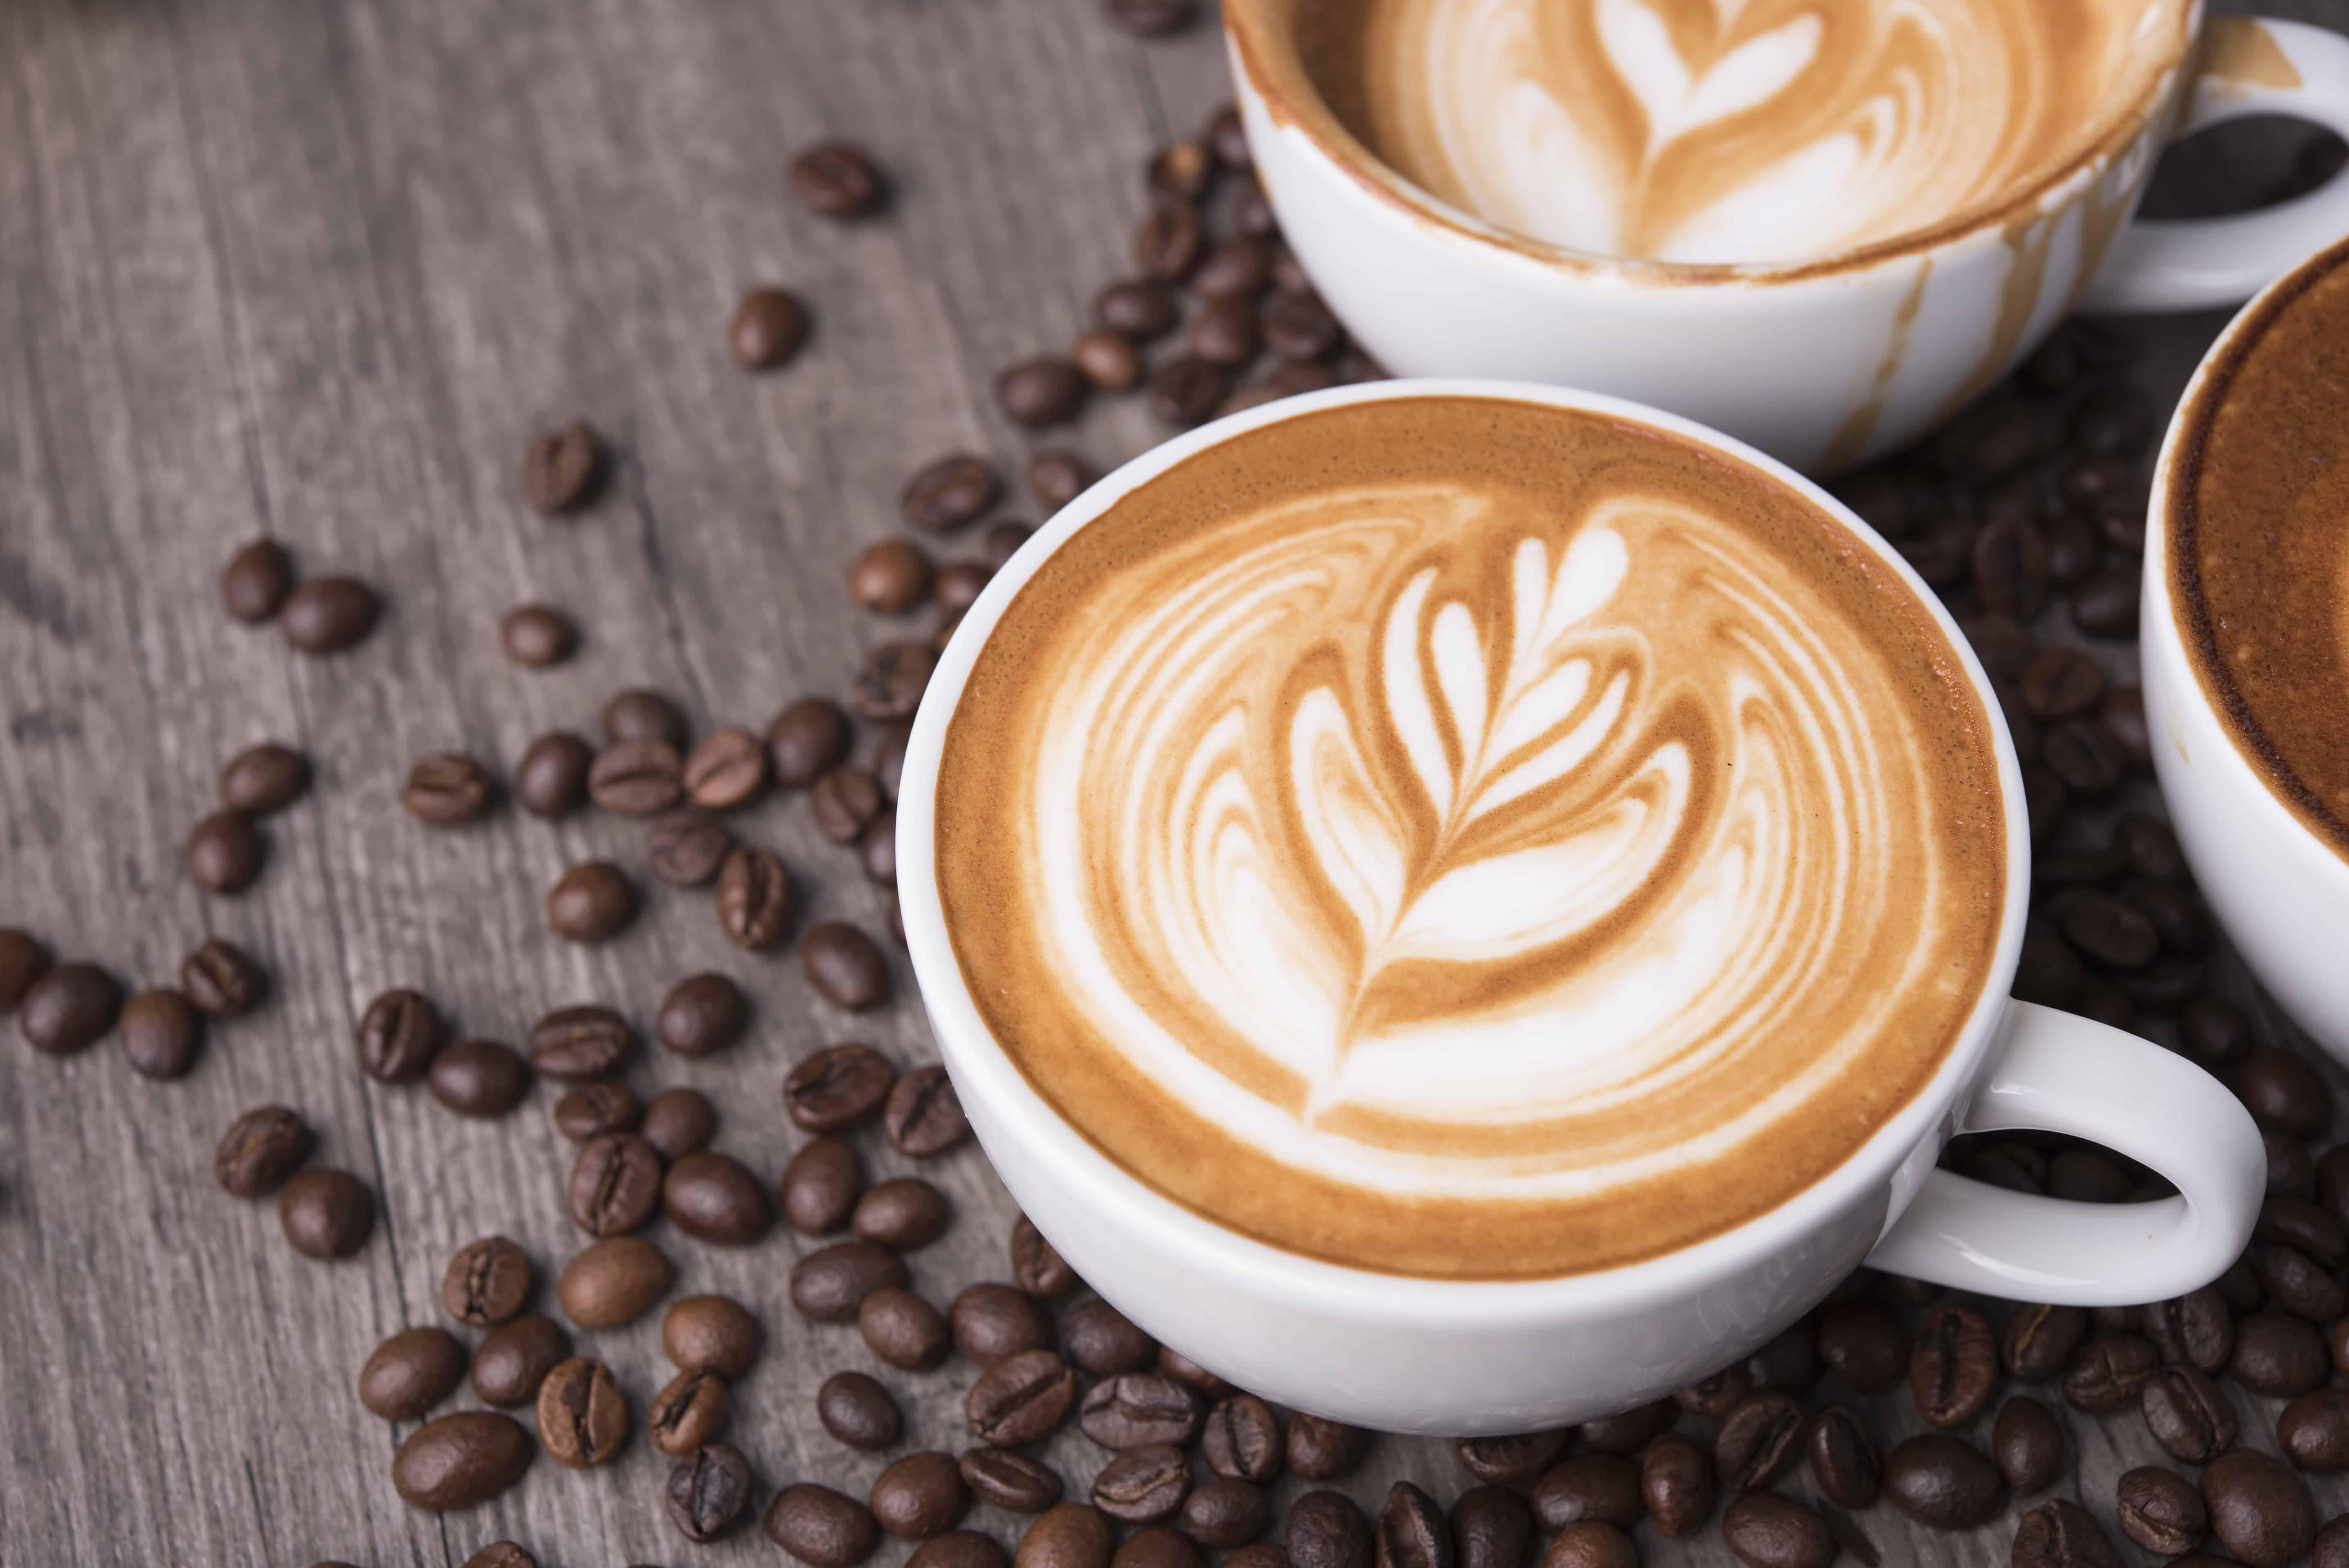 Kaffee aus Kenia: Test & Empfehlungen (01/20)